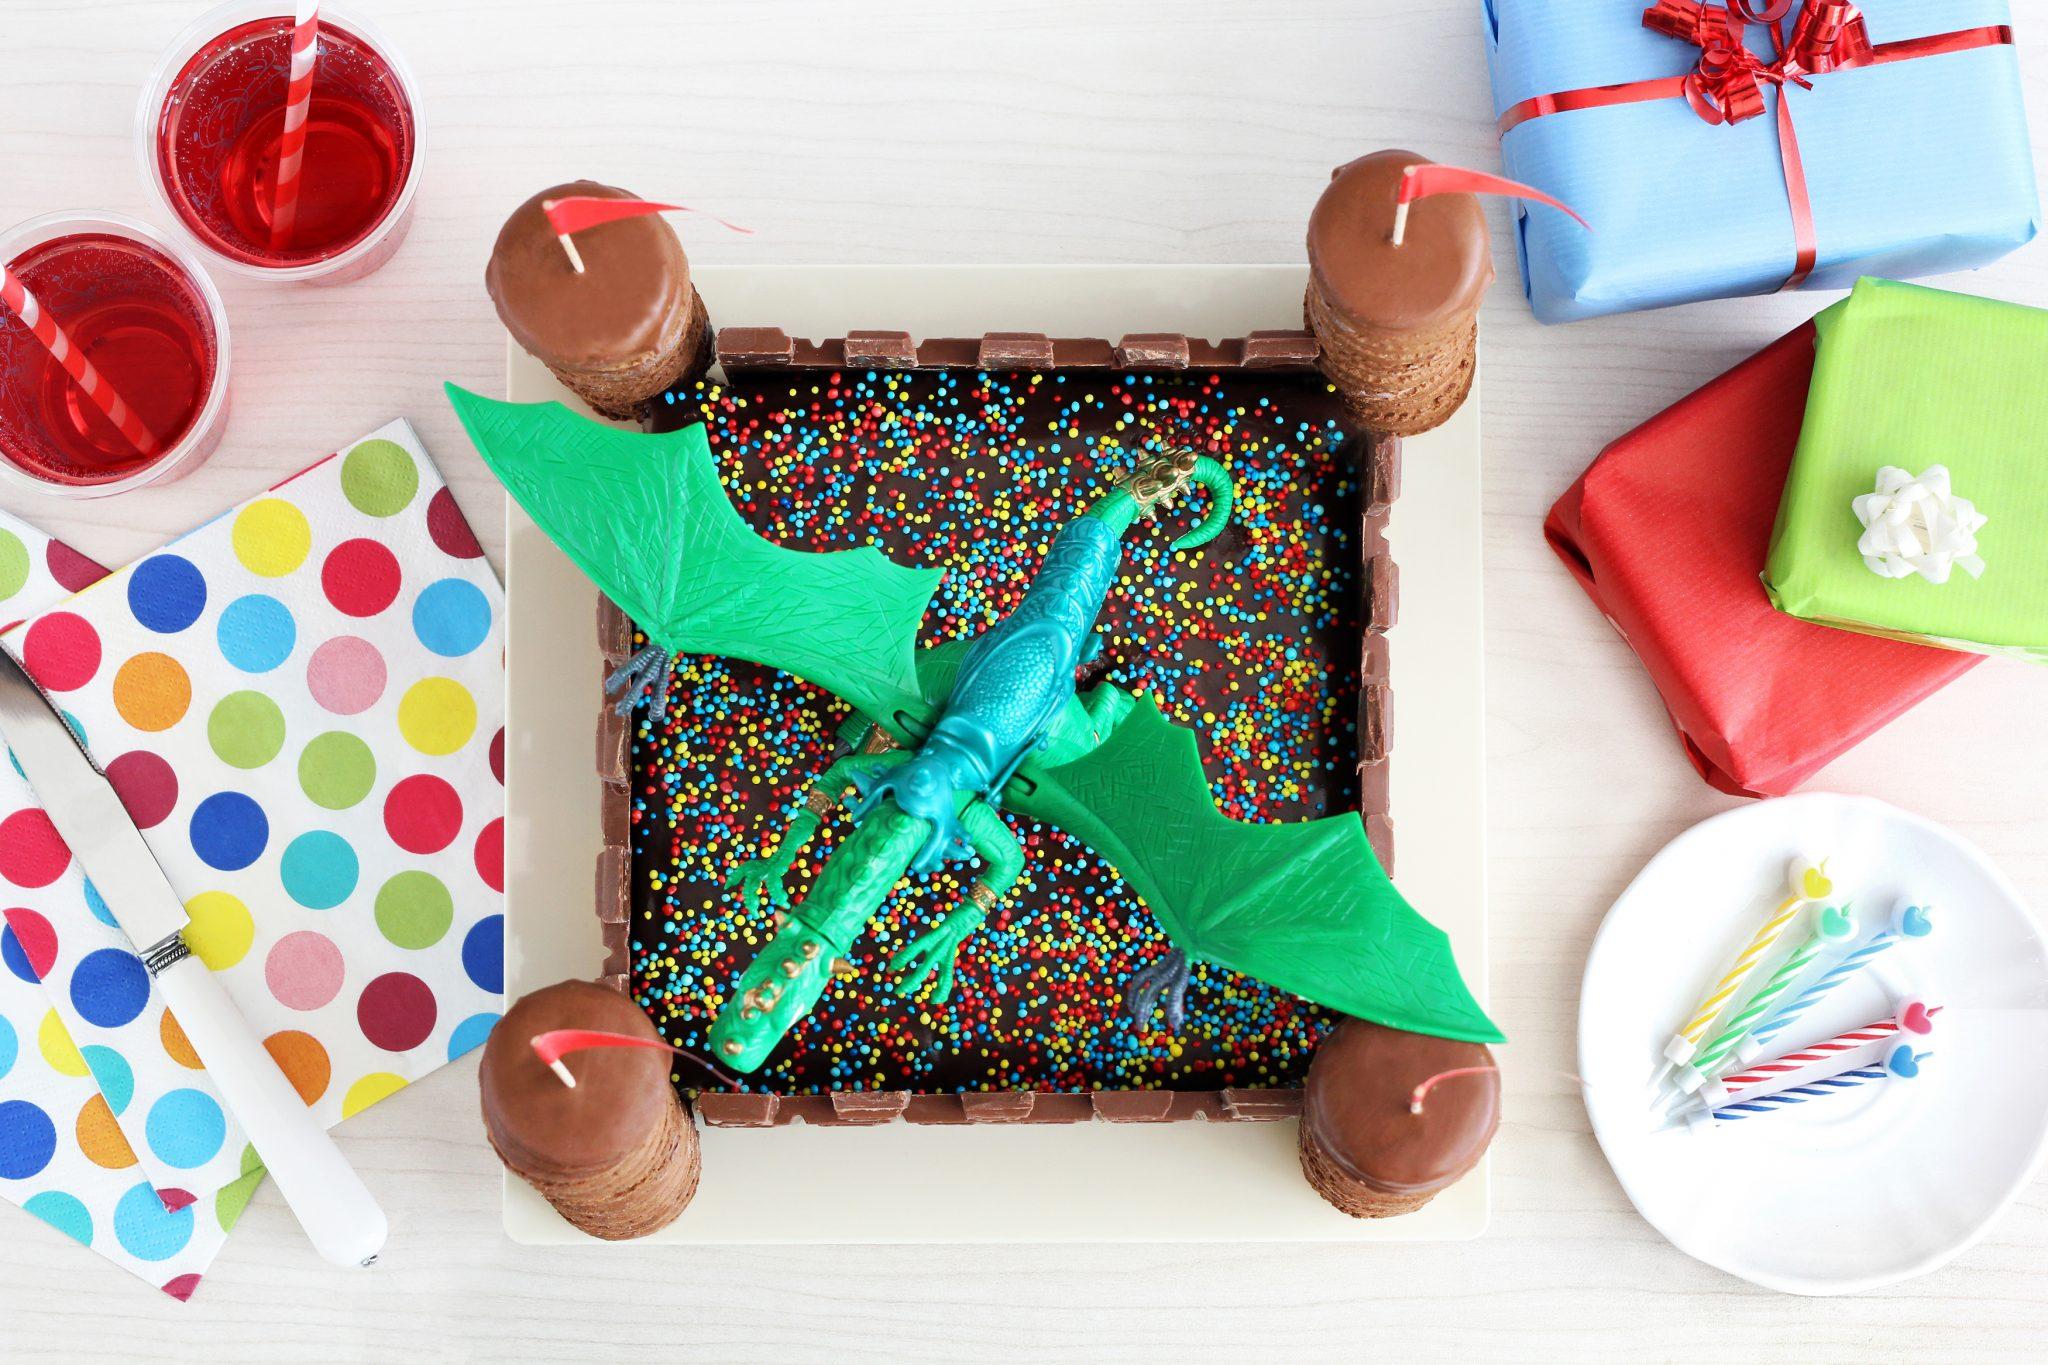 עיטור עוגת יום הולדת טירה עם קירות השוקולד